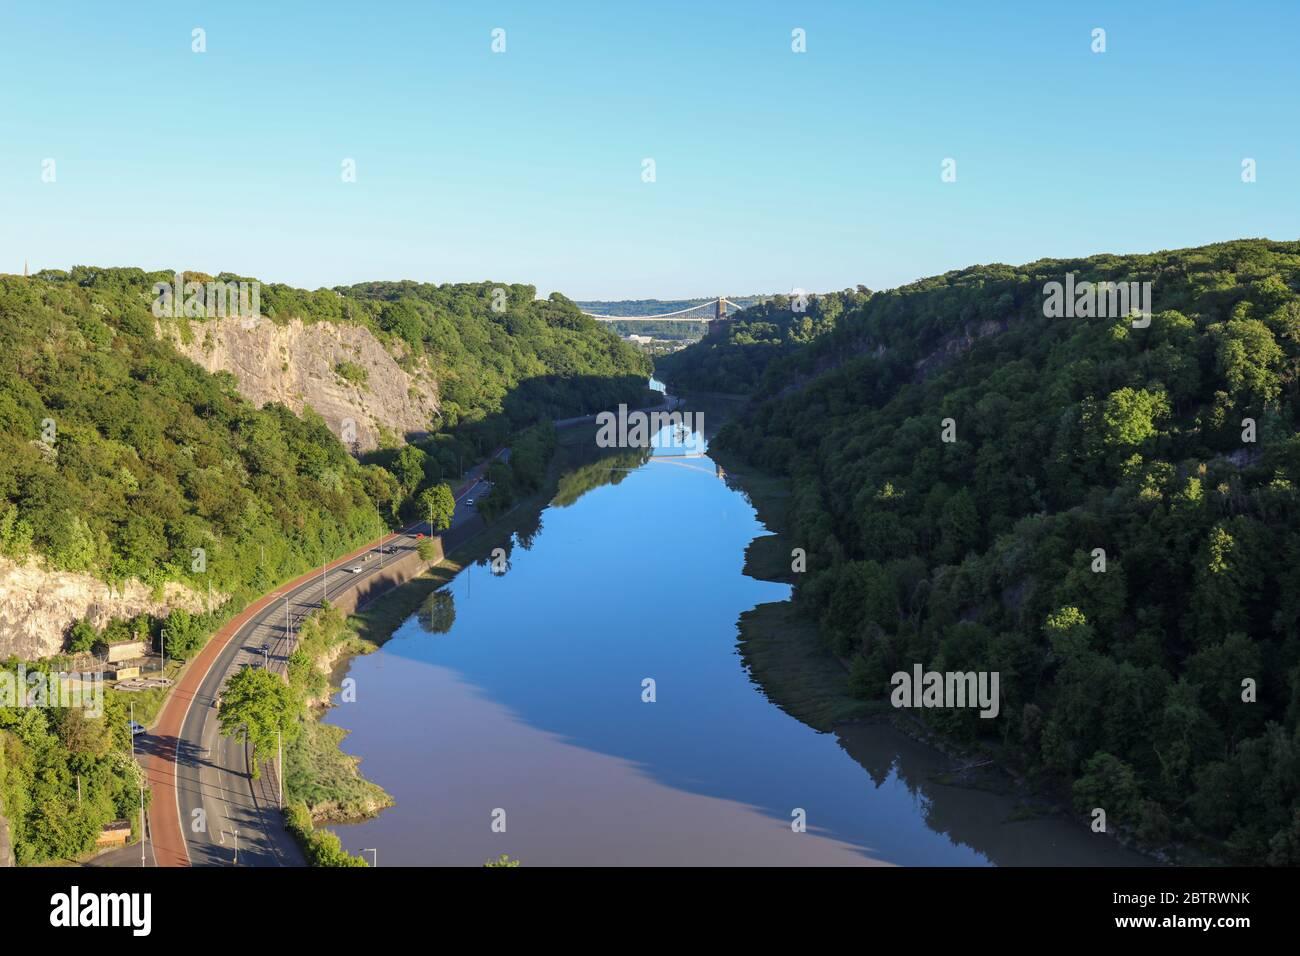 Avon fiume nella gola di Bristol con il riflesso del ponte sospeso Brunel. REGNO UNITO Foto Stock